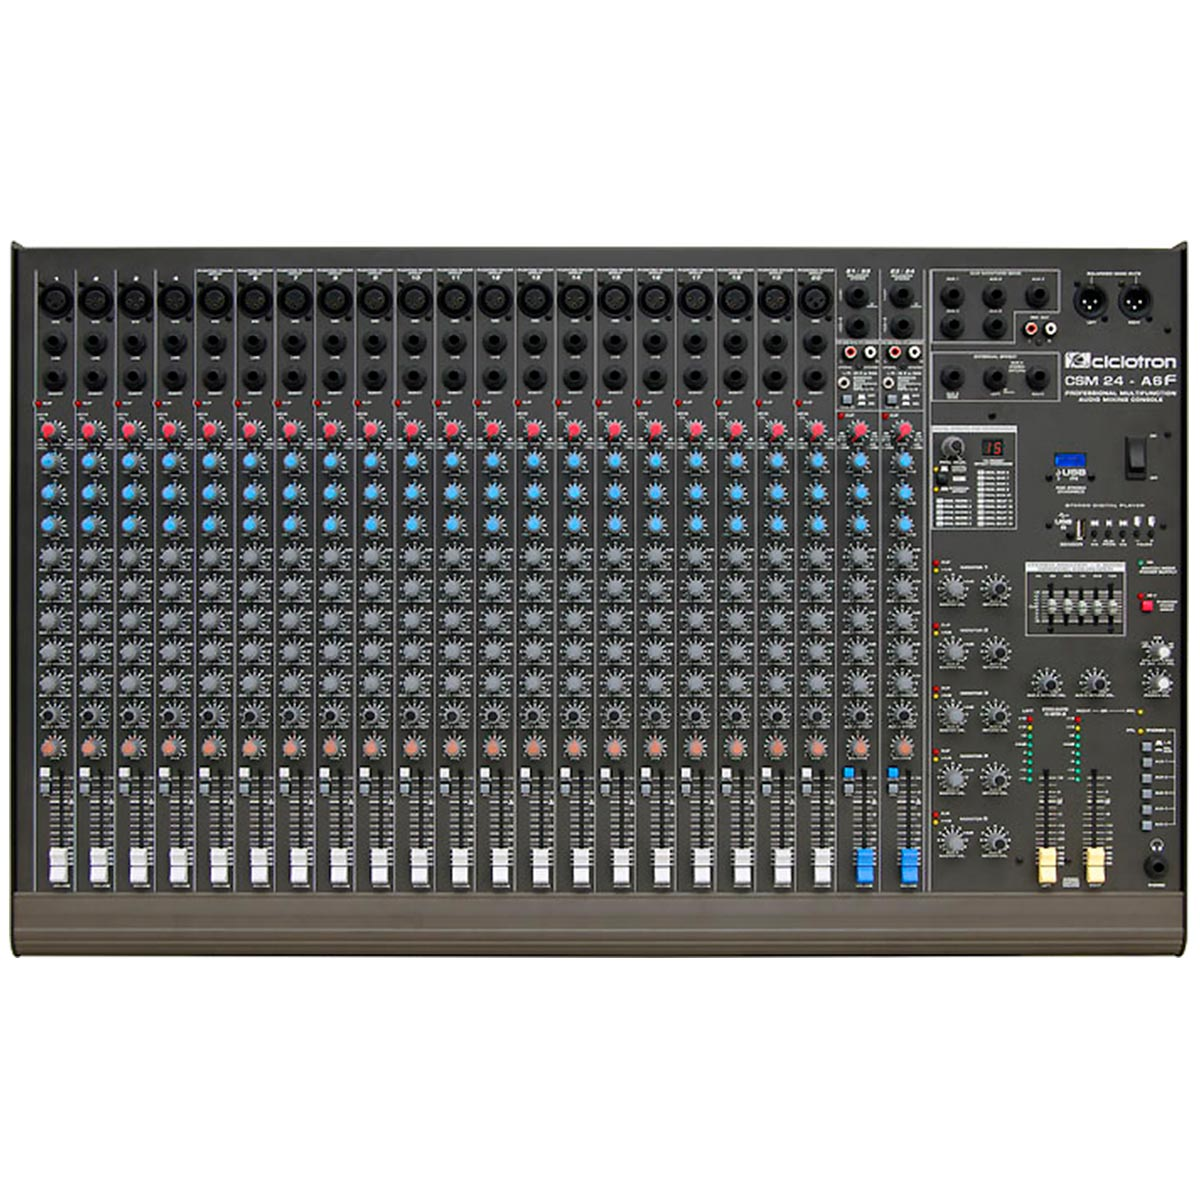 Mesa de Som 24 Canais Balanceados (20 XLR + 4 P10) c/ USB / Efeito / Phantom / 6 Auxiliares - CSM 24 A 6 F Ciclotron